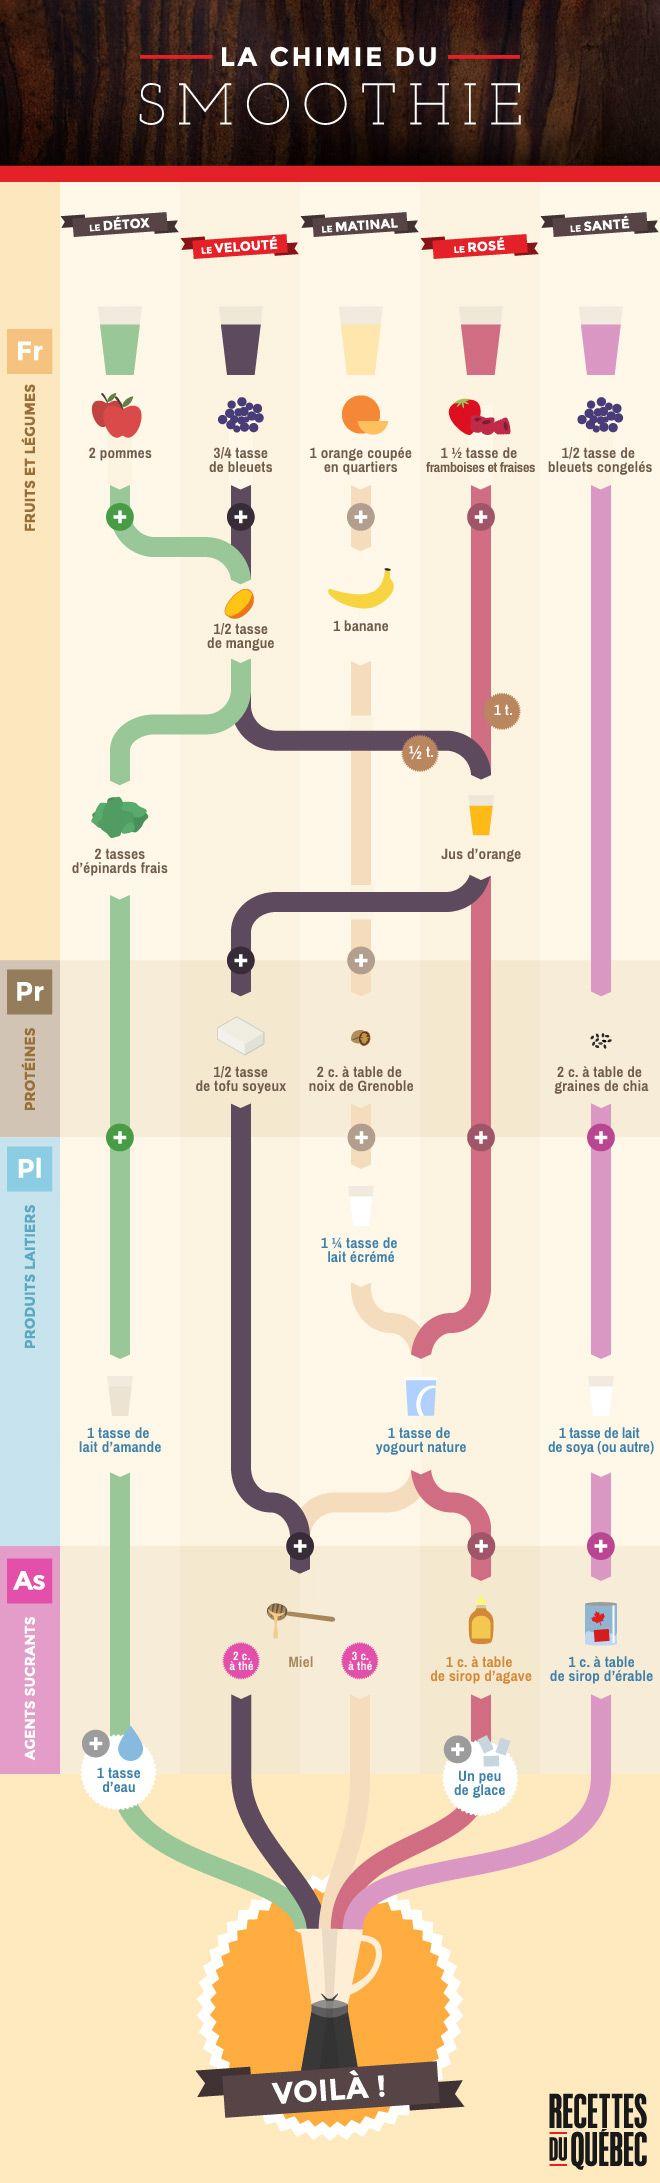 Infographique : La chimie du smoothie - Recettes du Québec